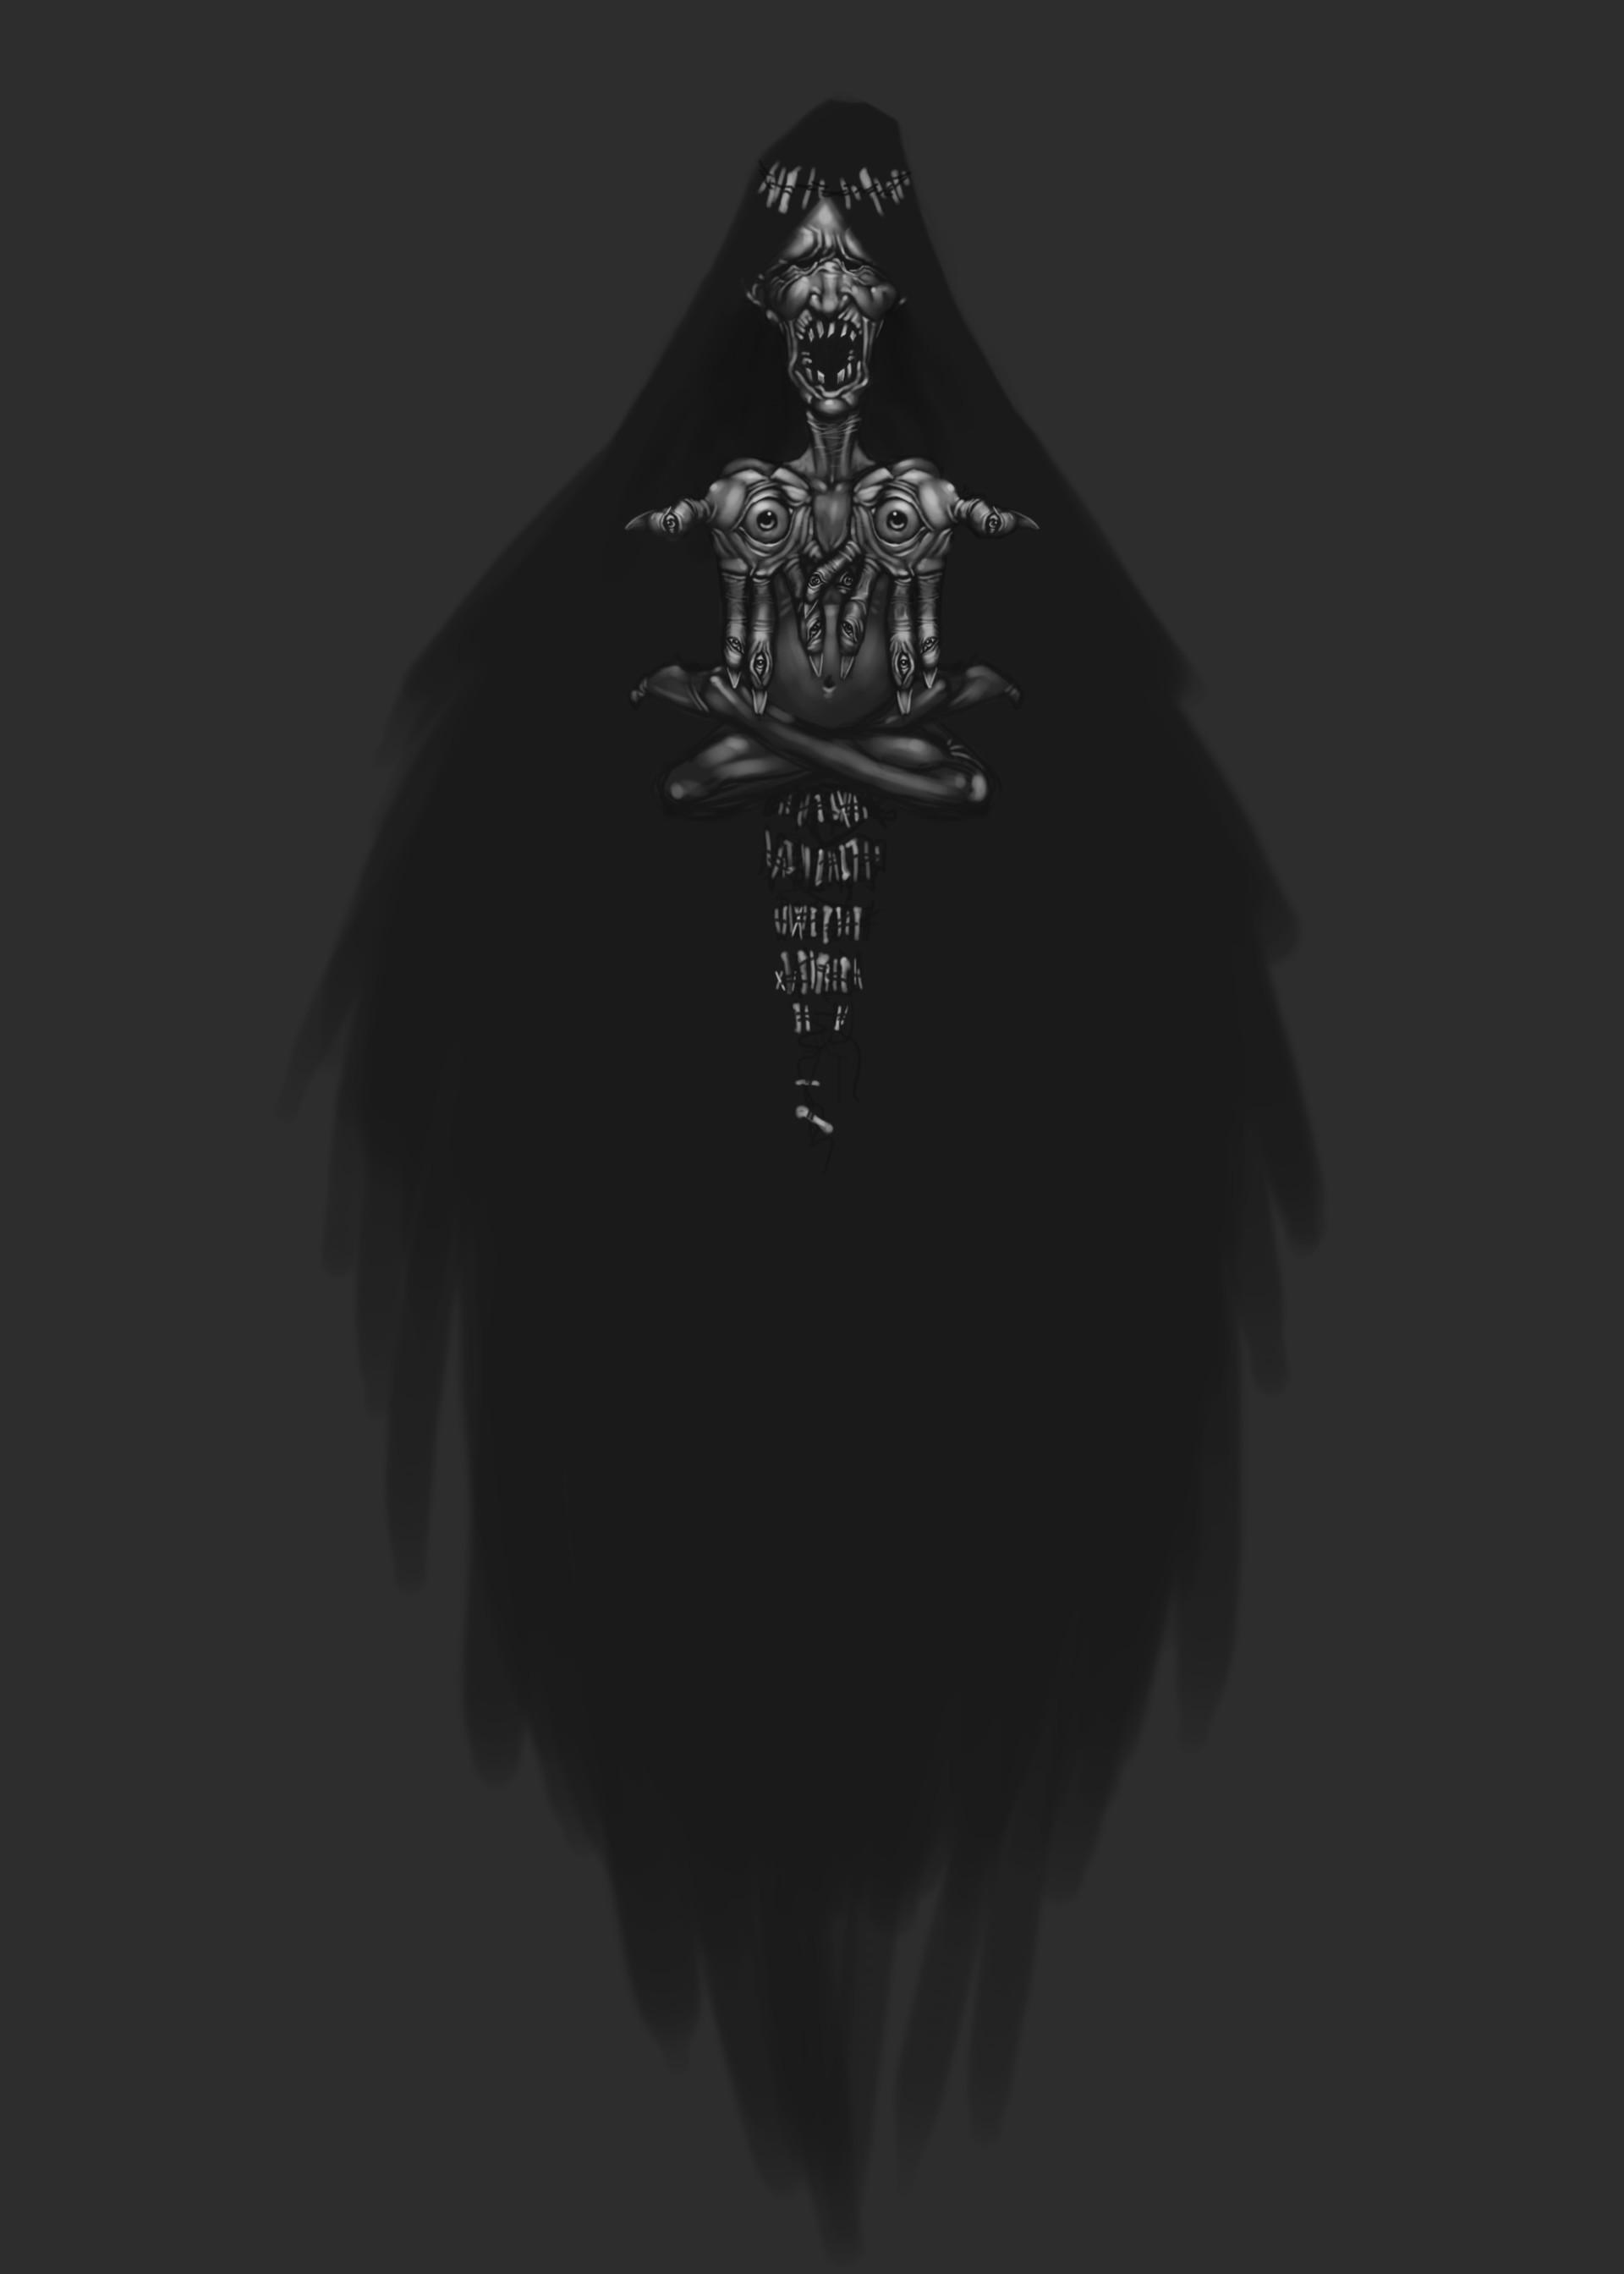 T d chiu witch 01 copy